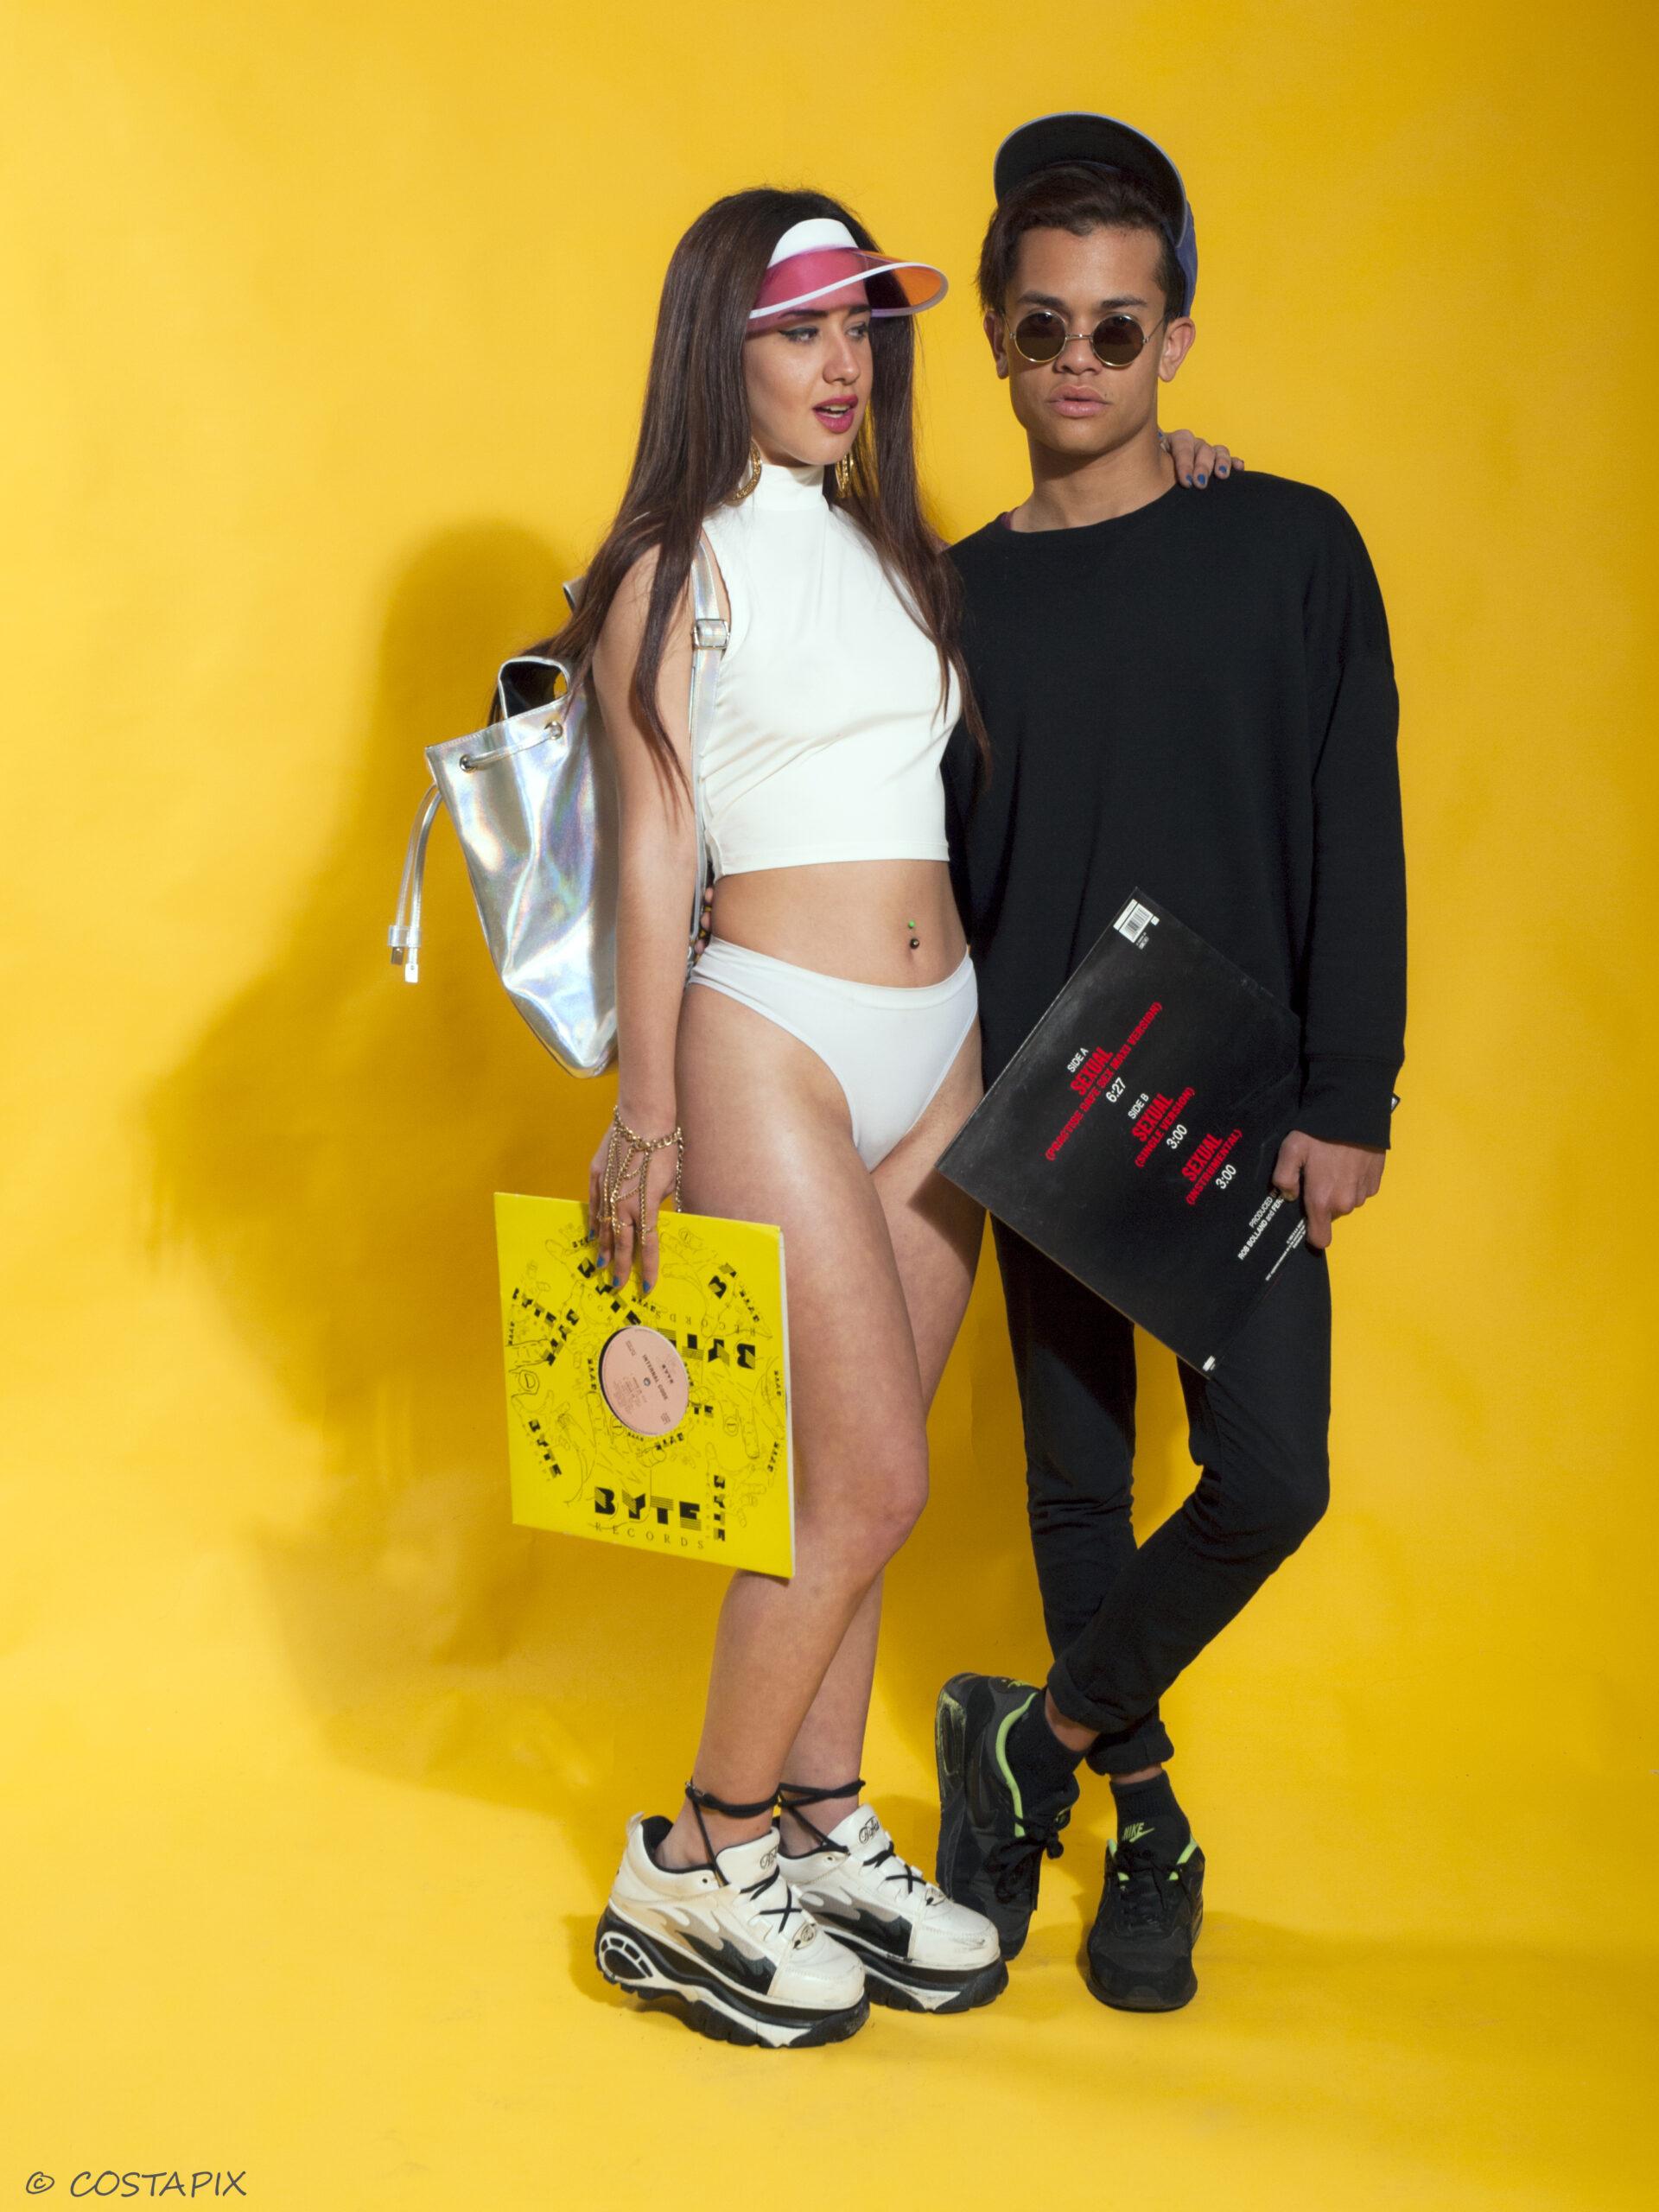 Retro fashion in costapix studio